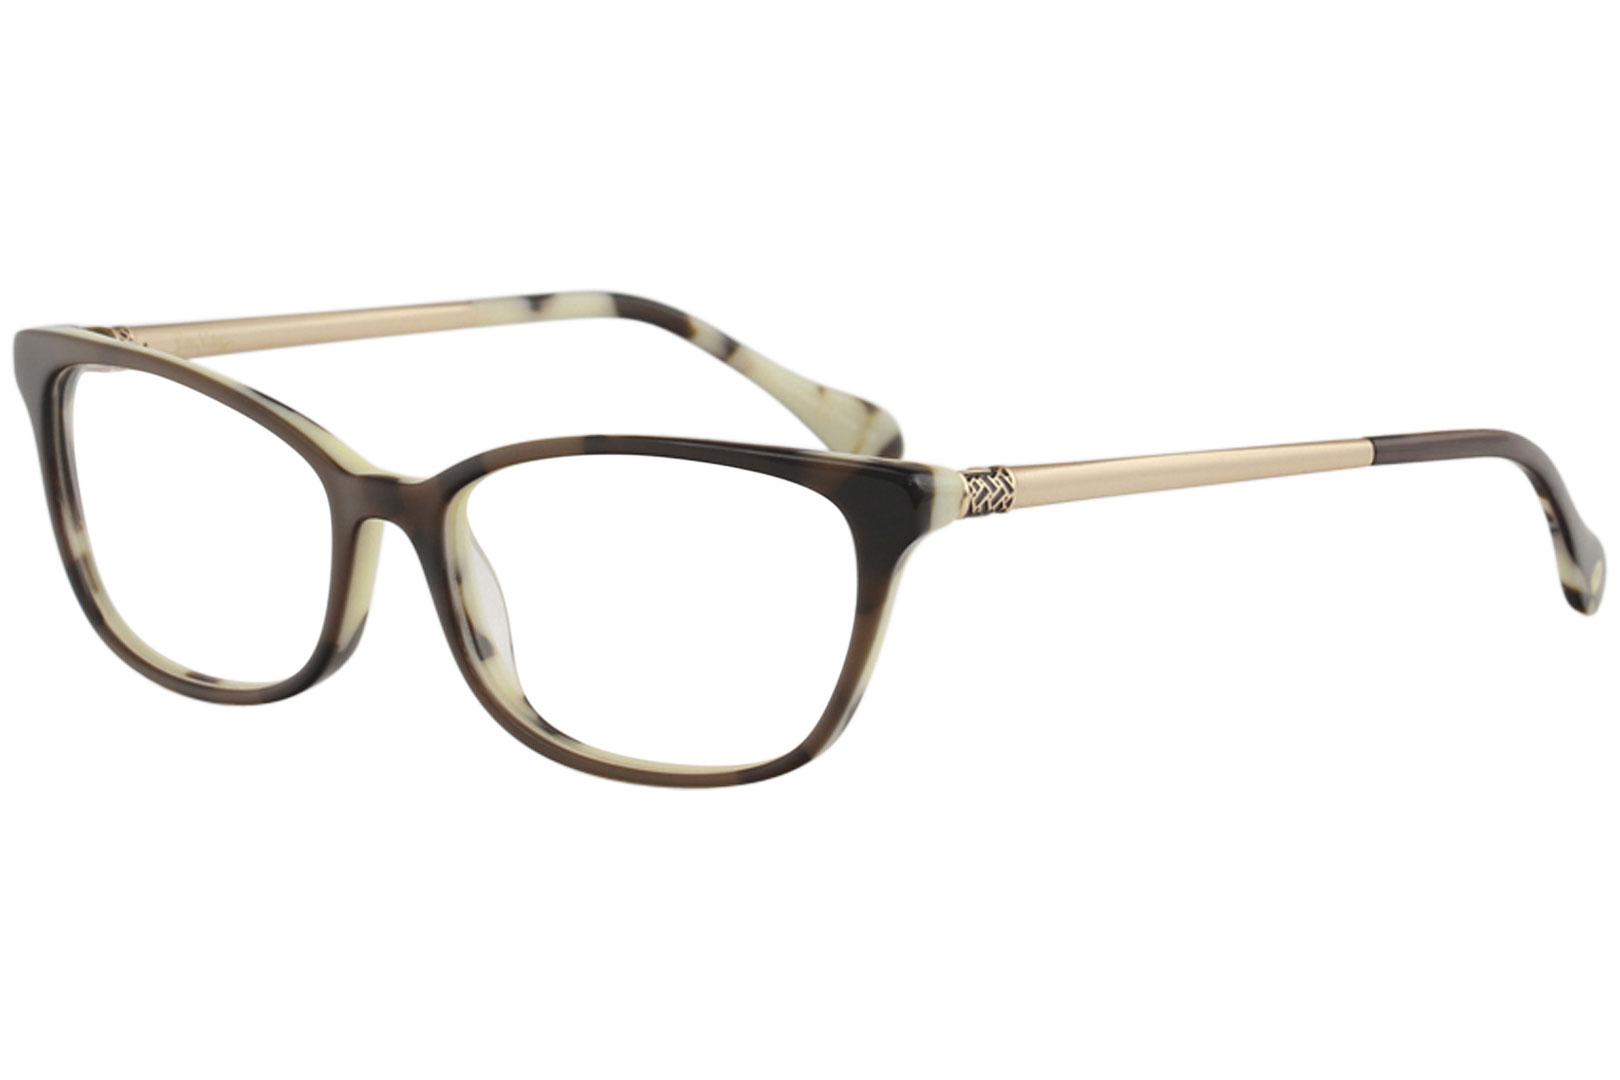 LILLY PULITZER Eyeglasses AMBERLY Tortoise 51MM